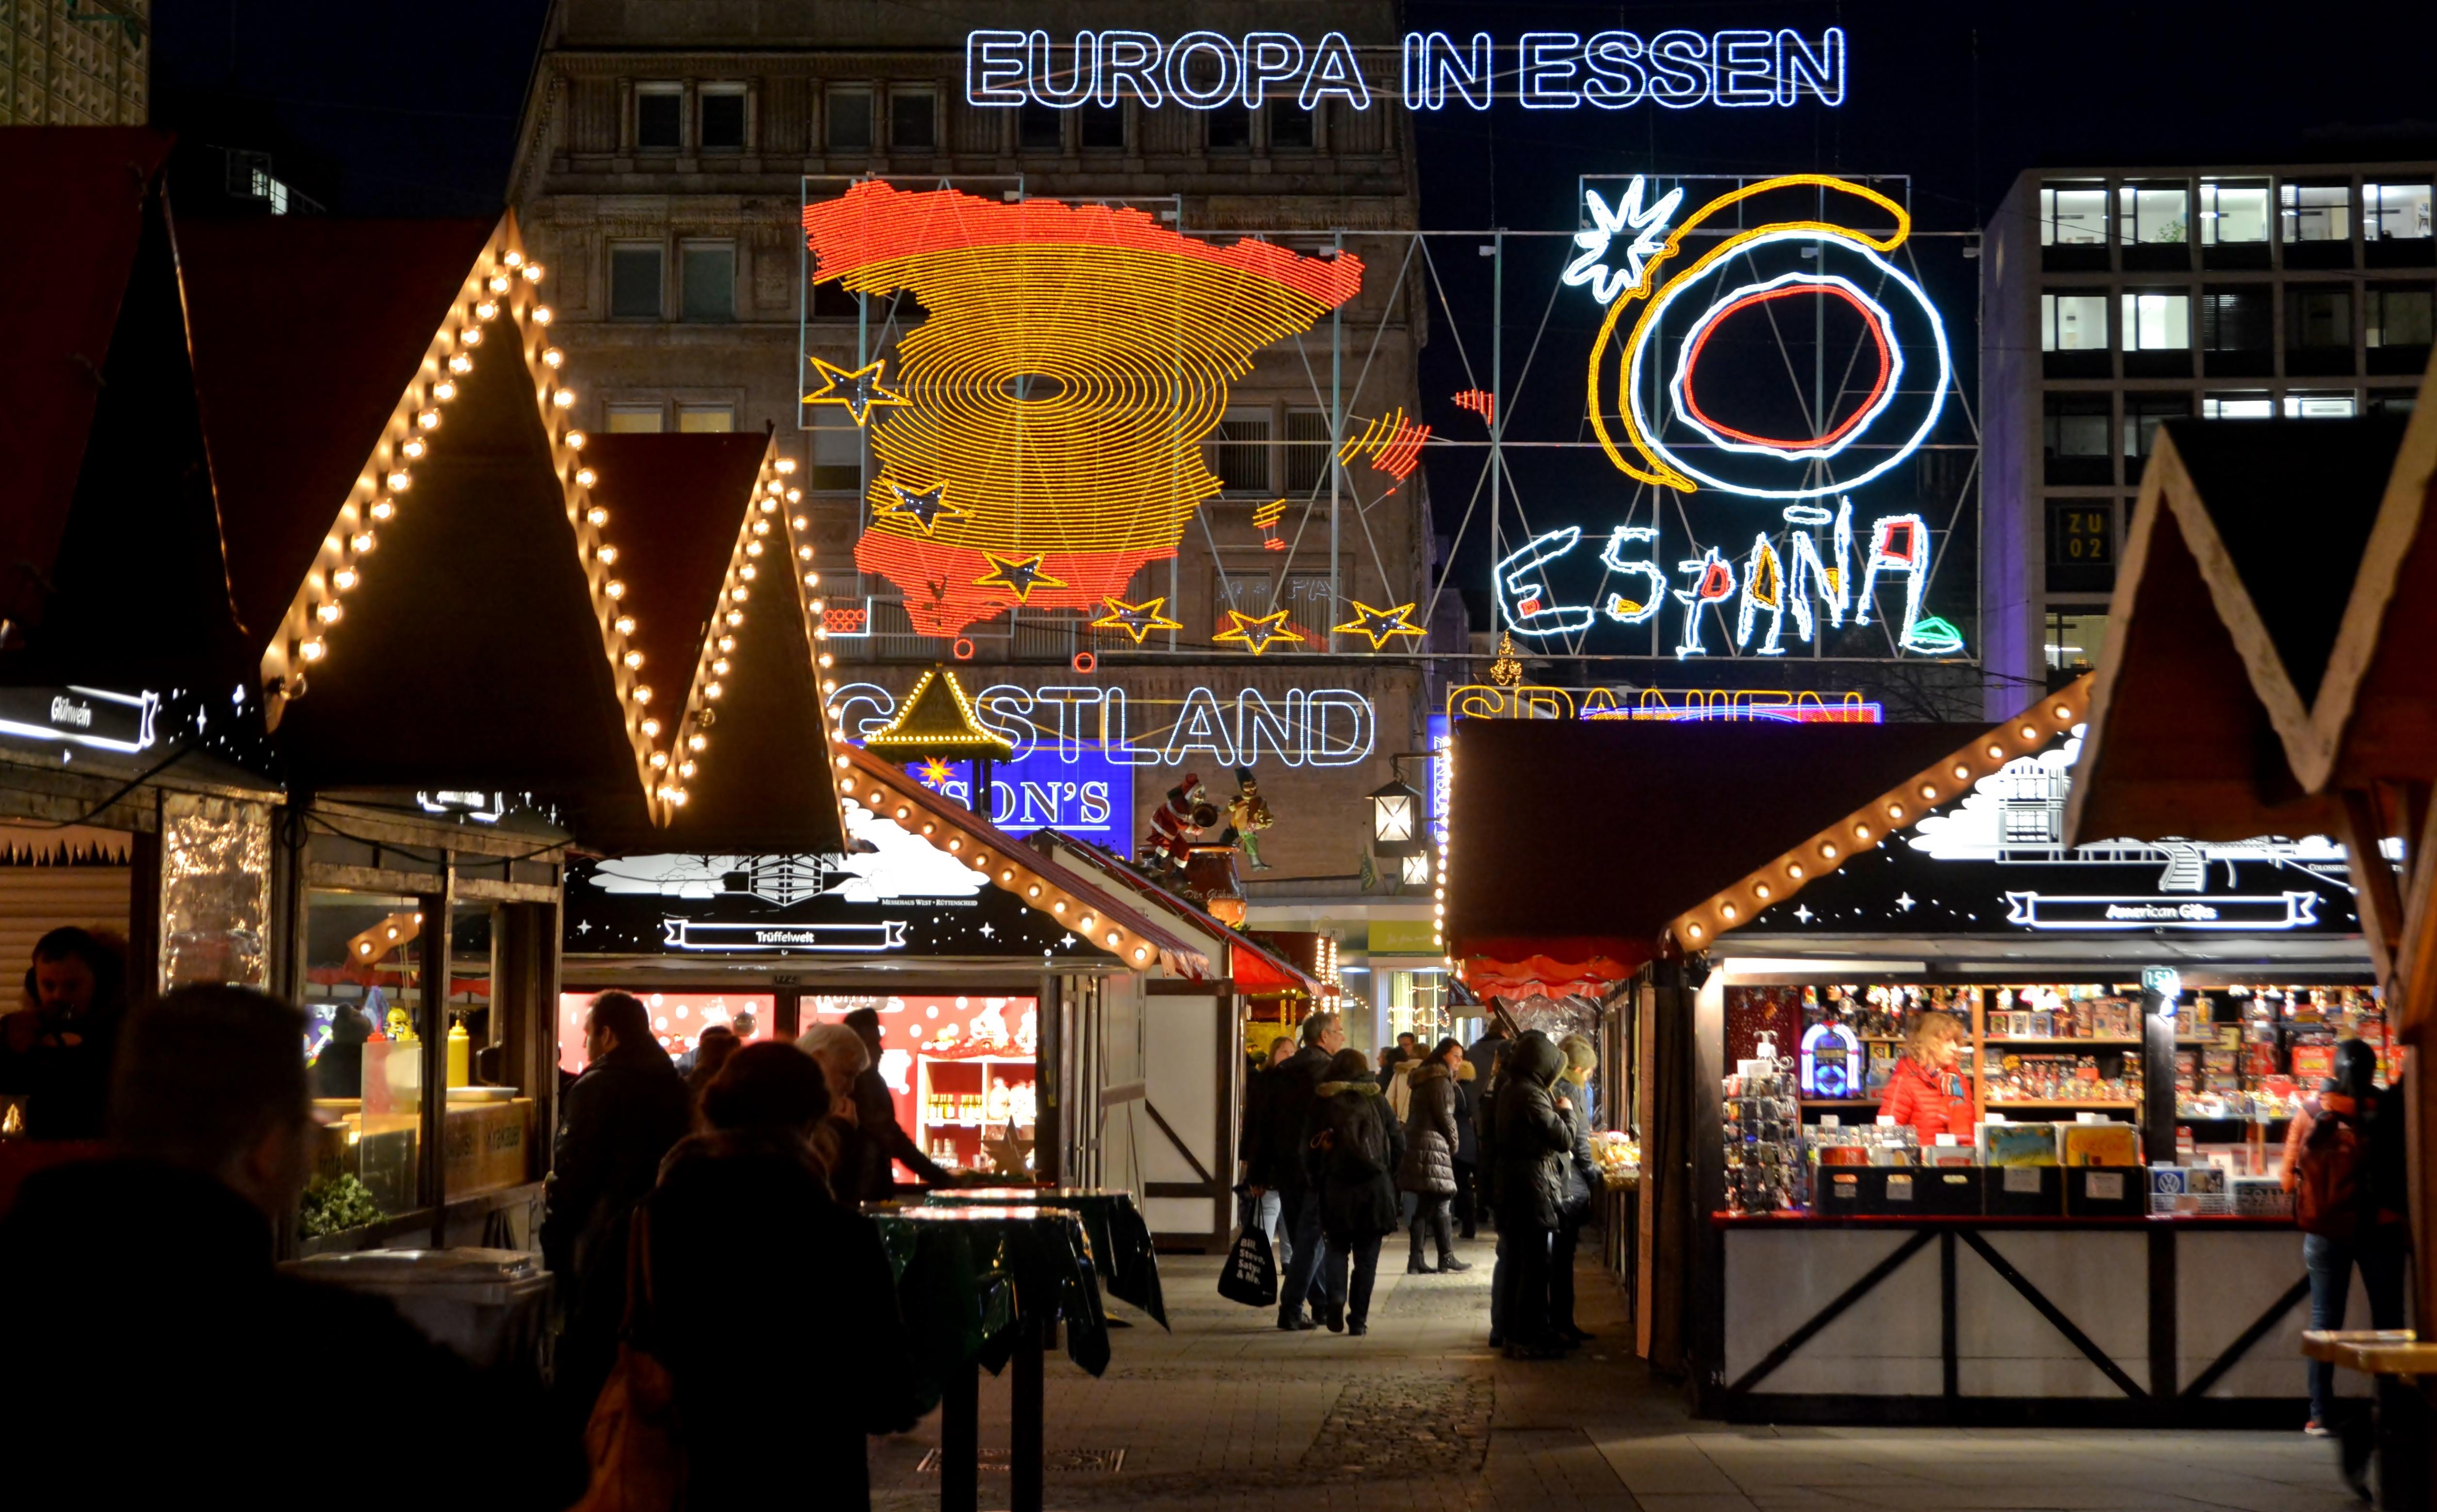 hintergrundbilder weihnachten menschen nacht beleuchtung spanien essen europa leute. Black Bedroom Furniture Sets. Home Design Ideas